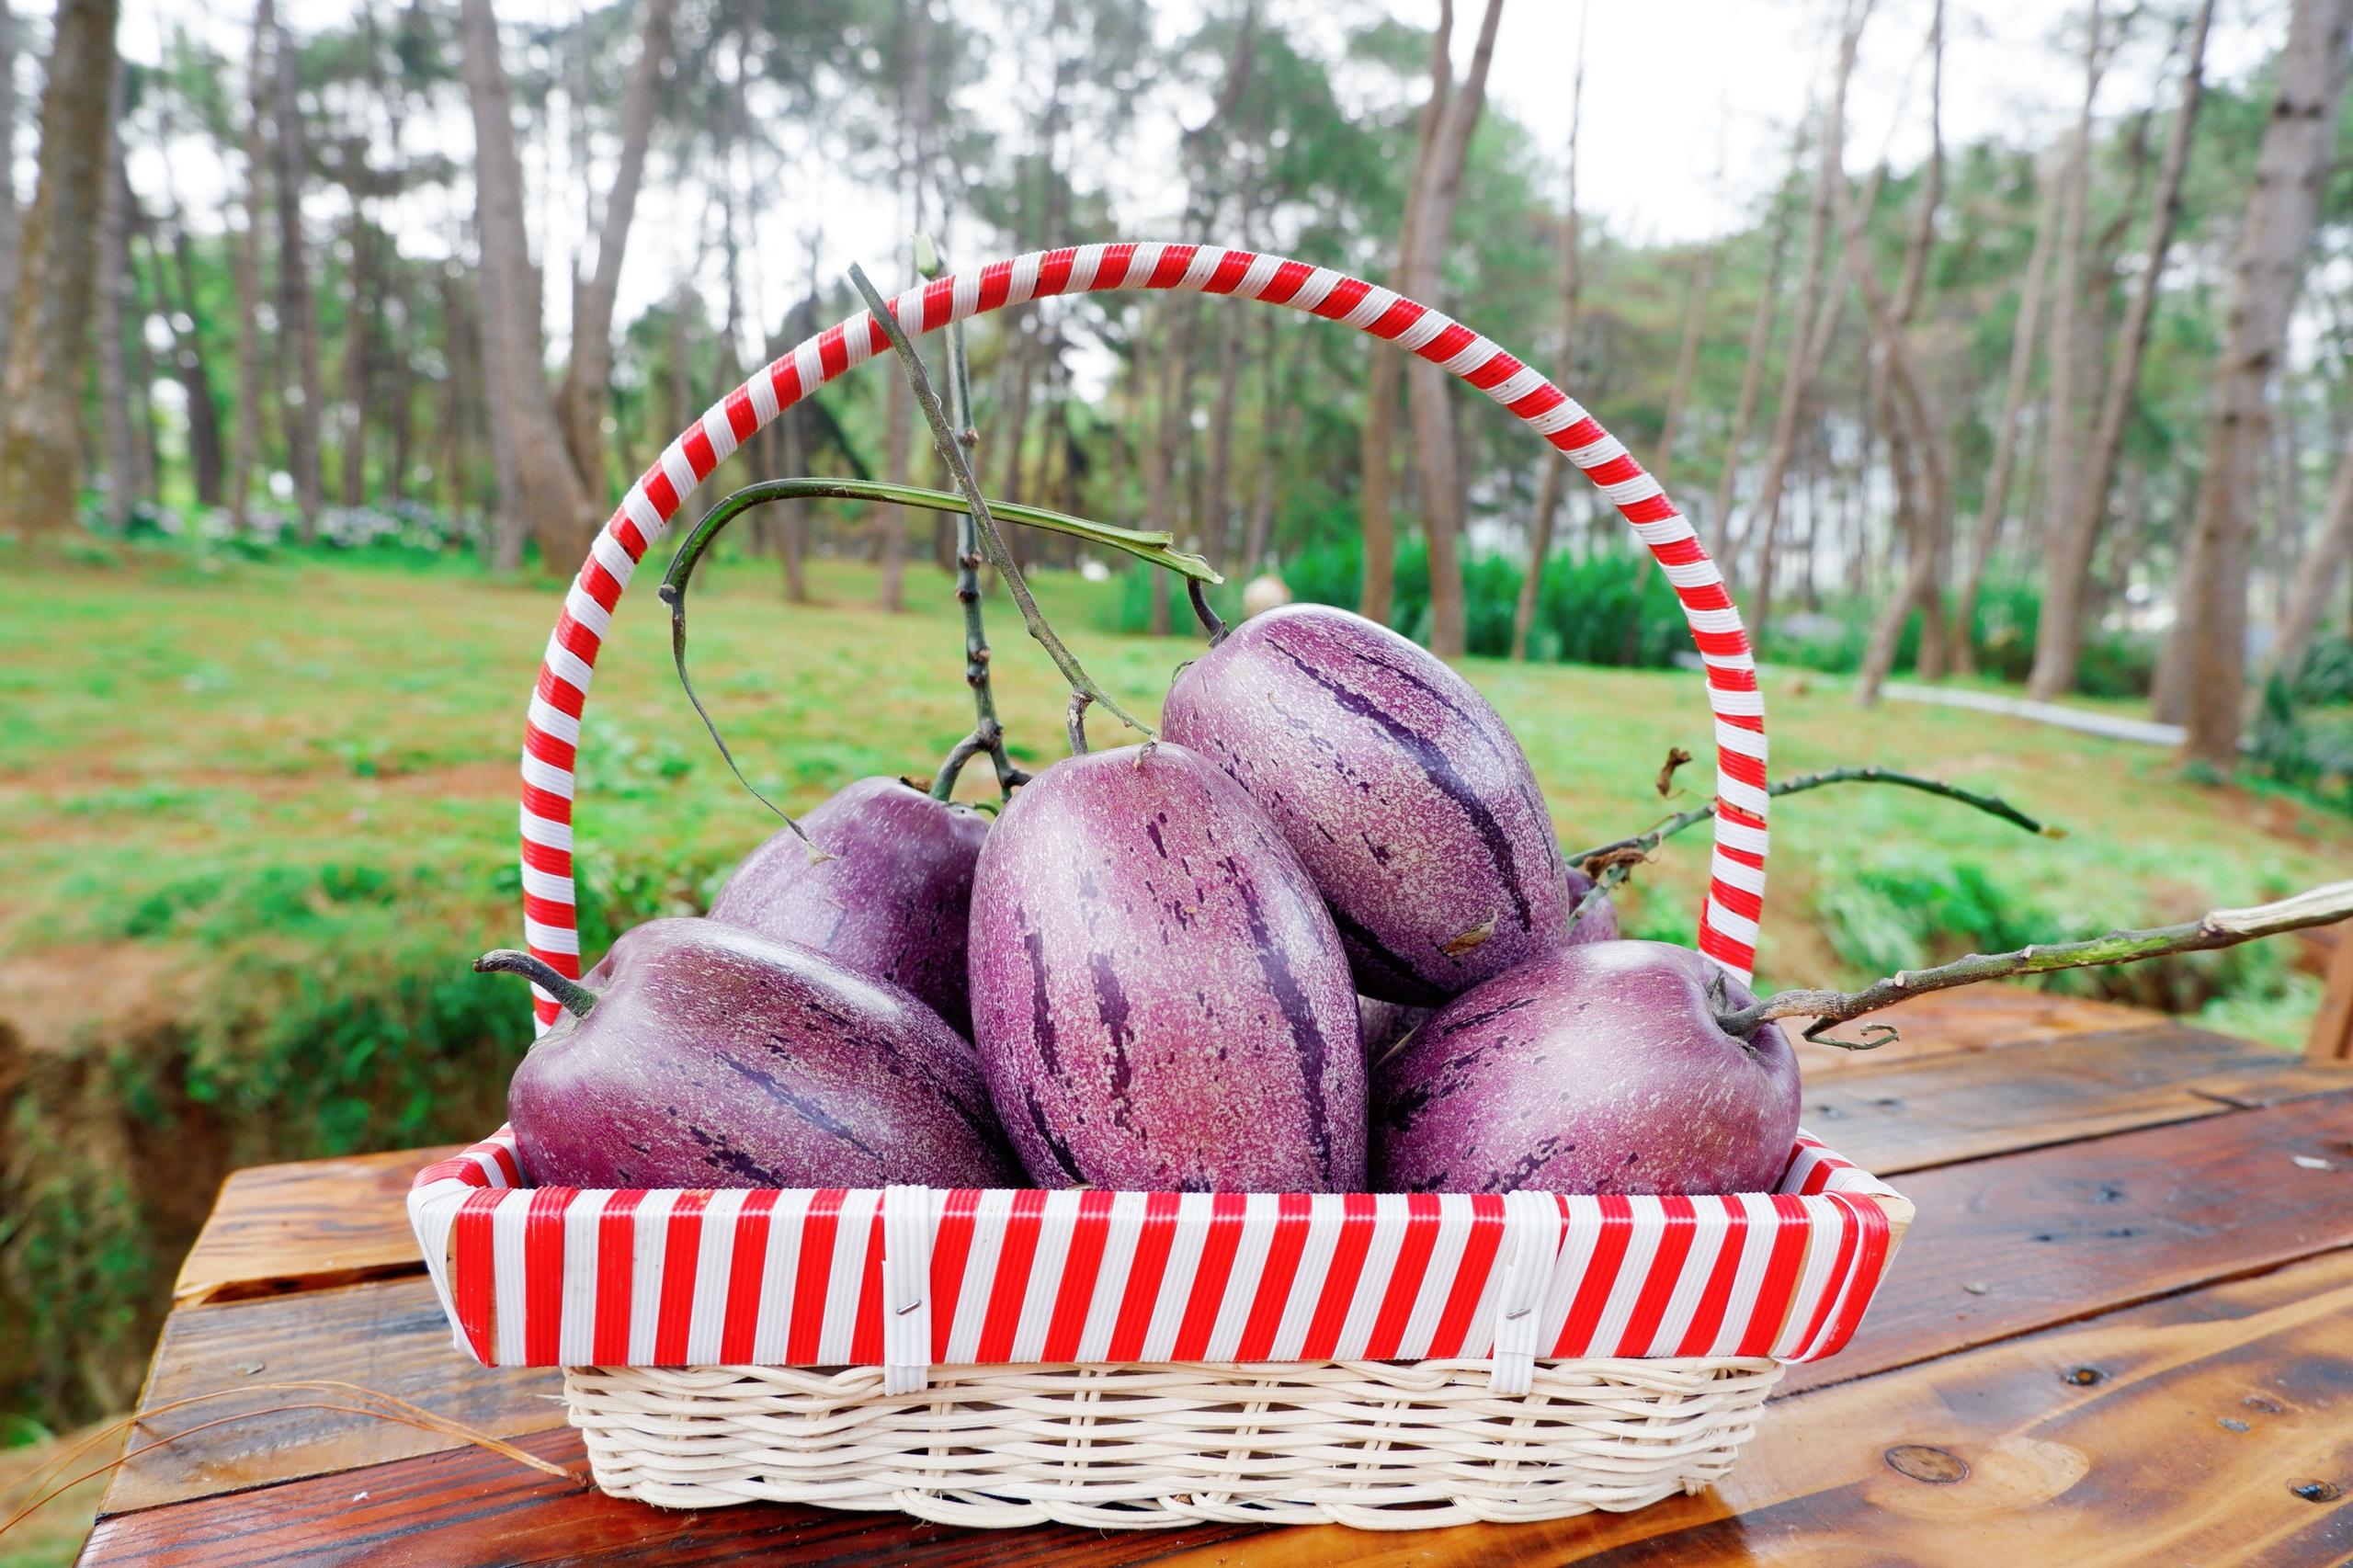 Hướng dẫn thu hoạch dưa pepino đúng cách